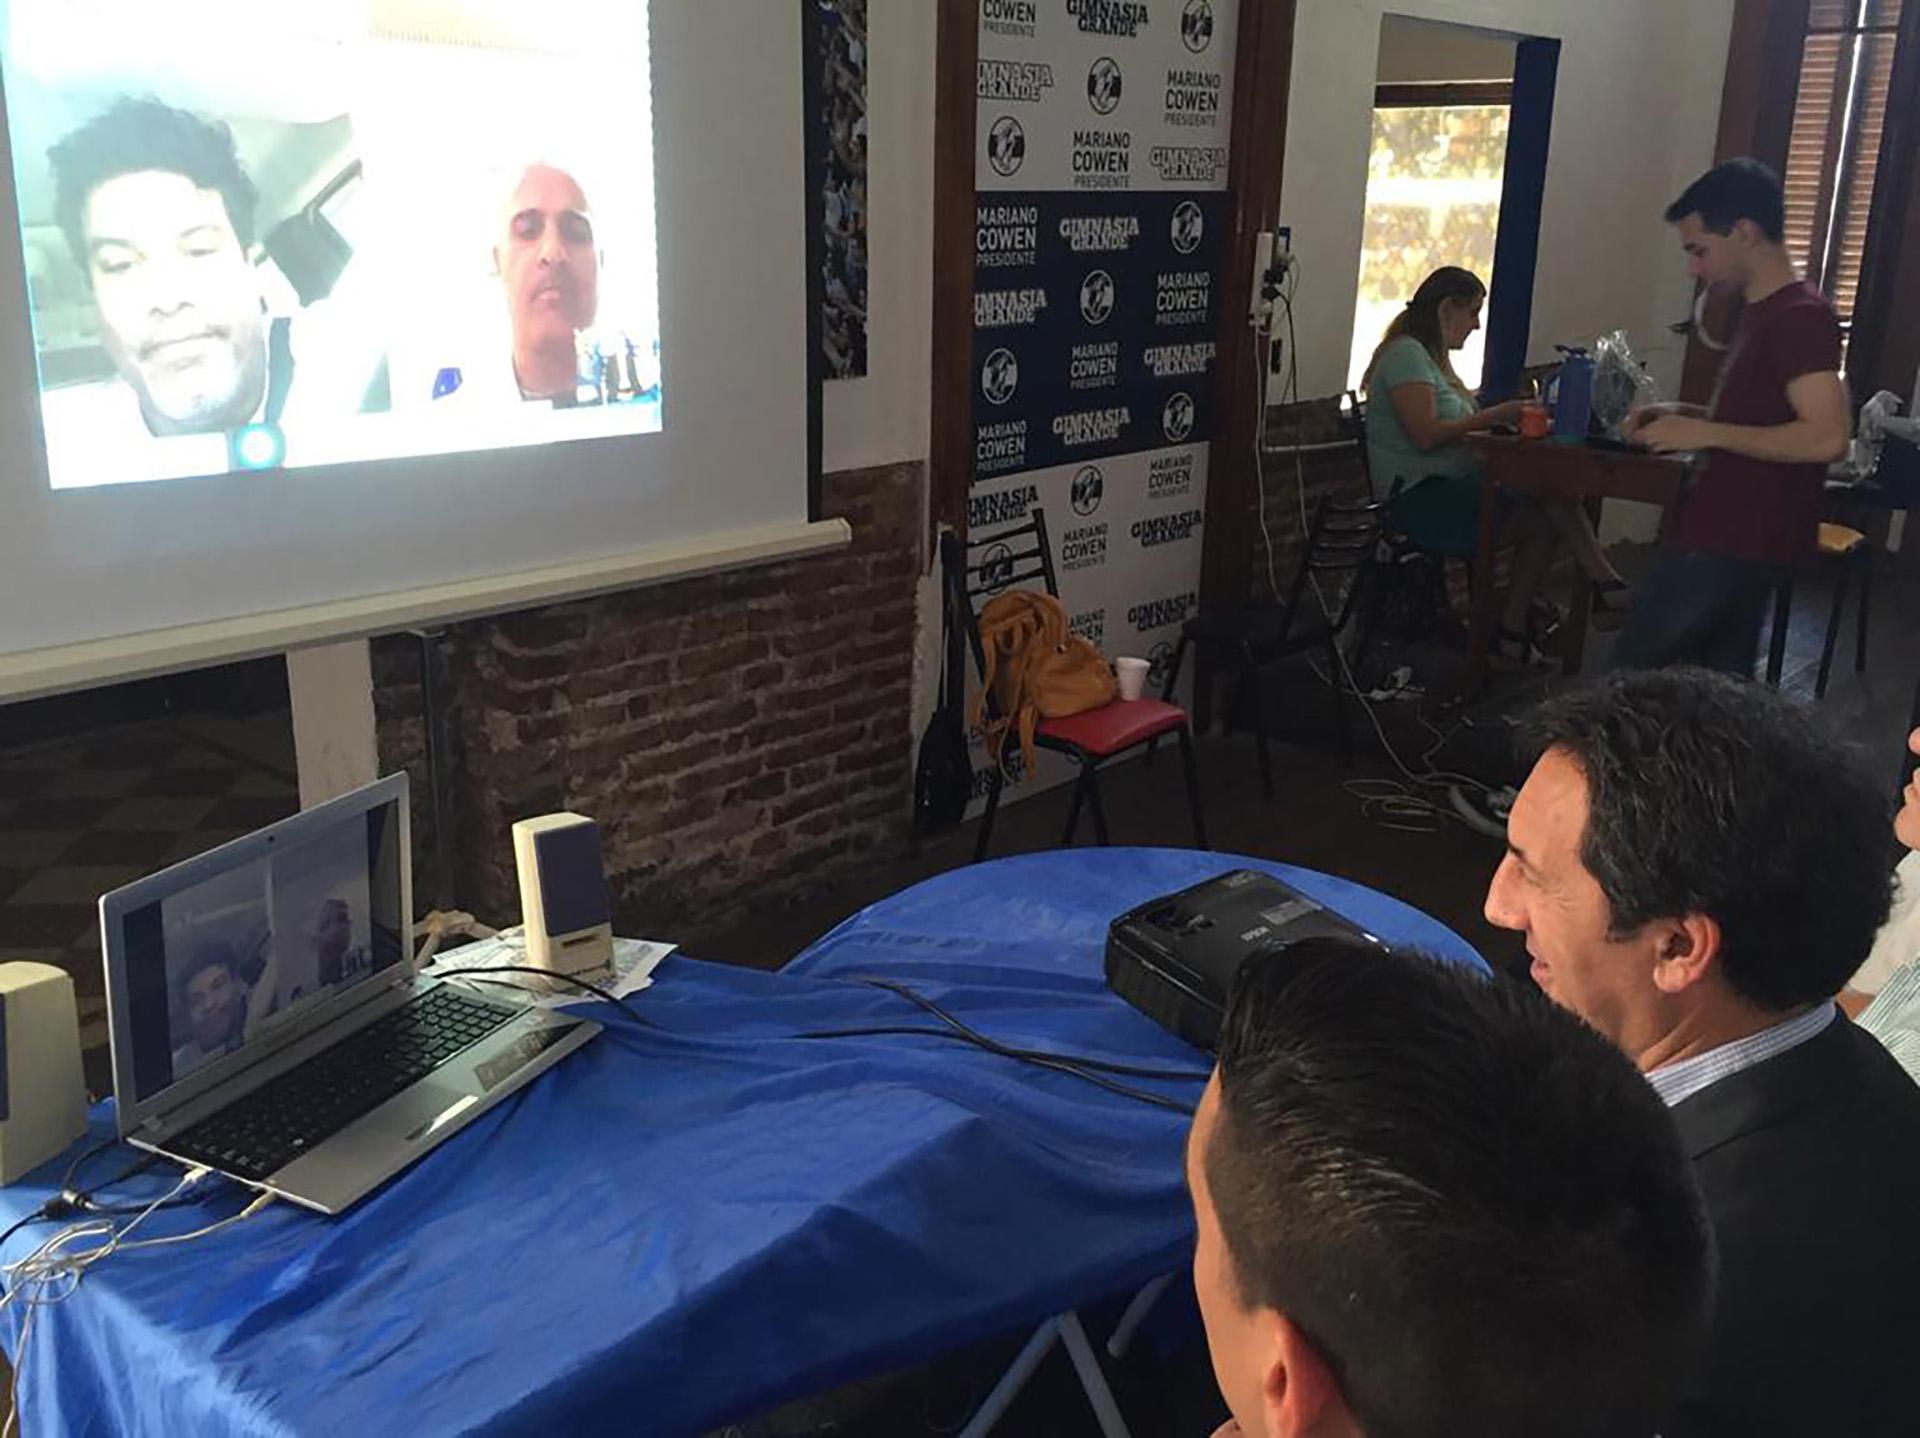 """La conferencia vía Skype que trianguló La Plata (Cowen, entonces candidato a presidente del """"Lobo""""), Porto Alegre (de Assis Moreira, el hermano de Ronaldinho) y Amsterdam (el empresario Jordan)"""